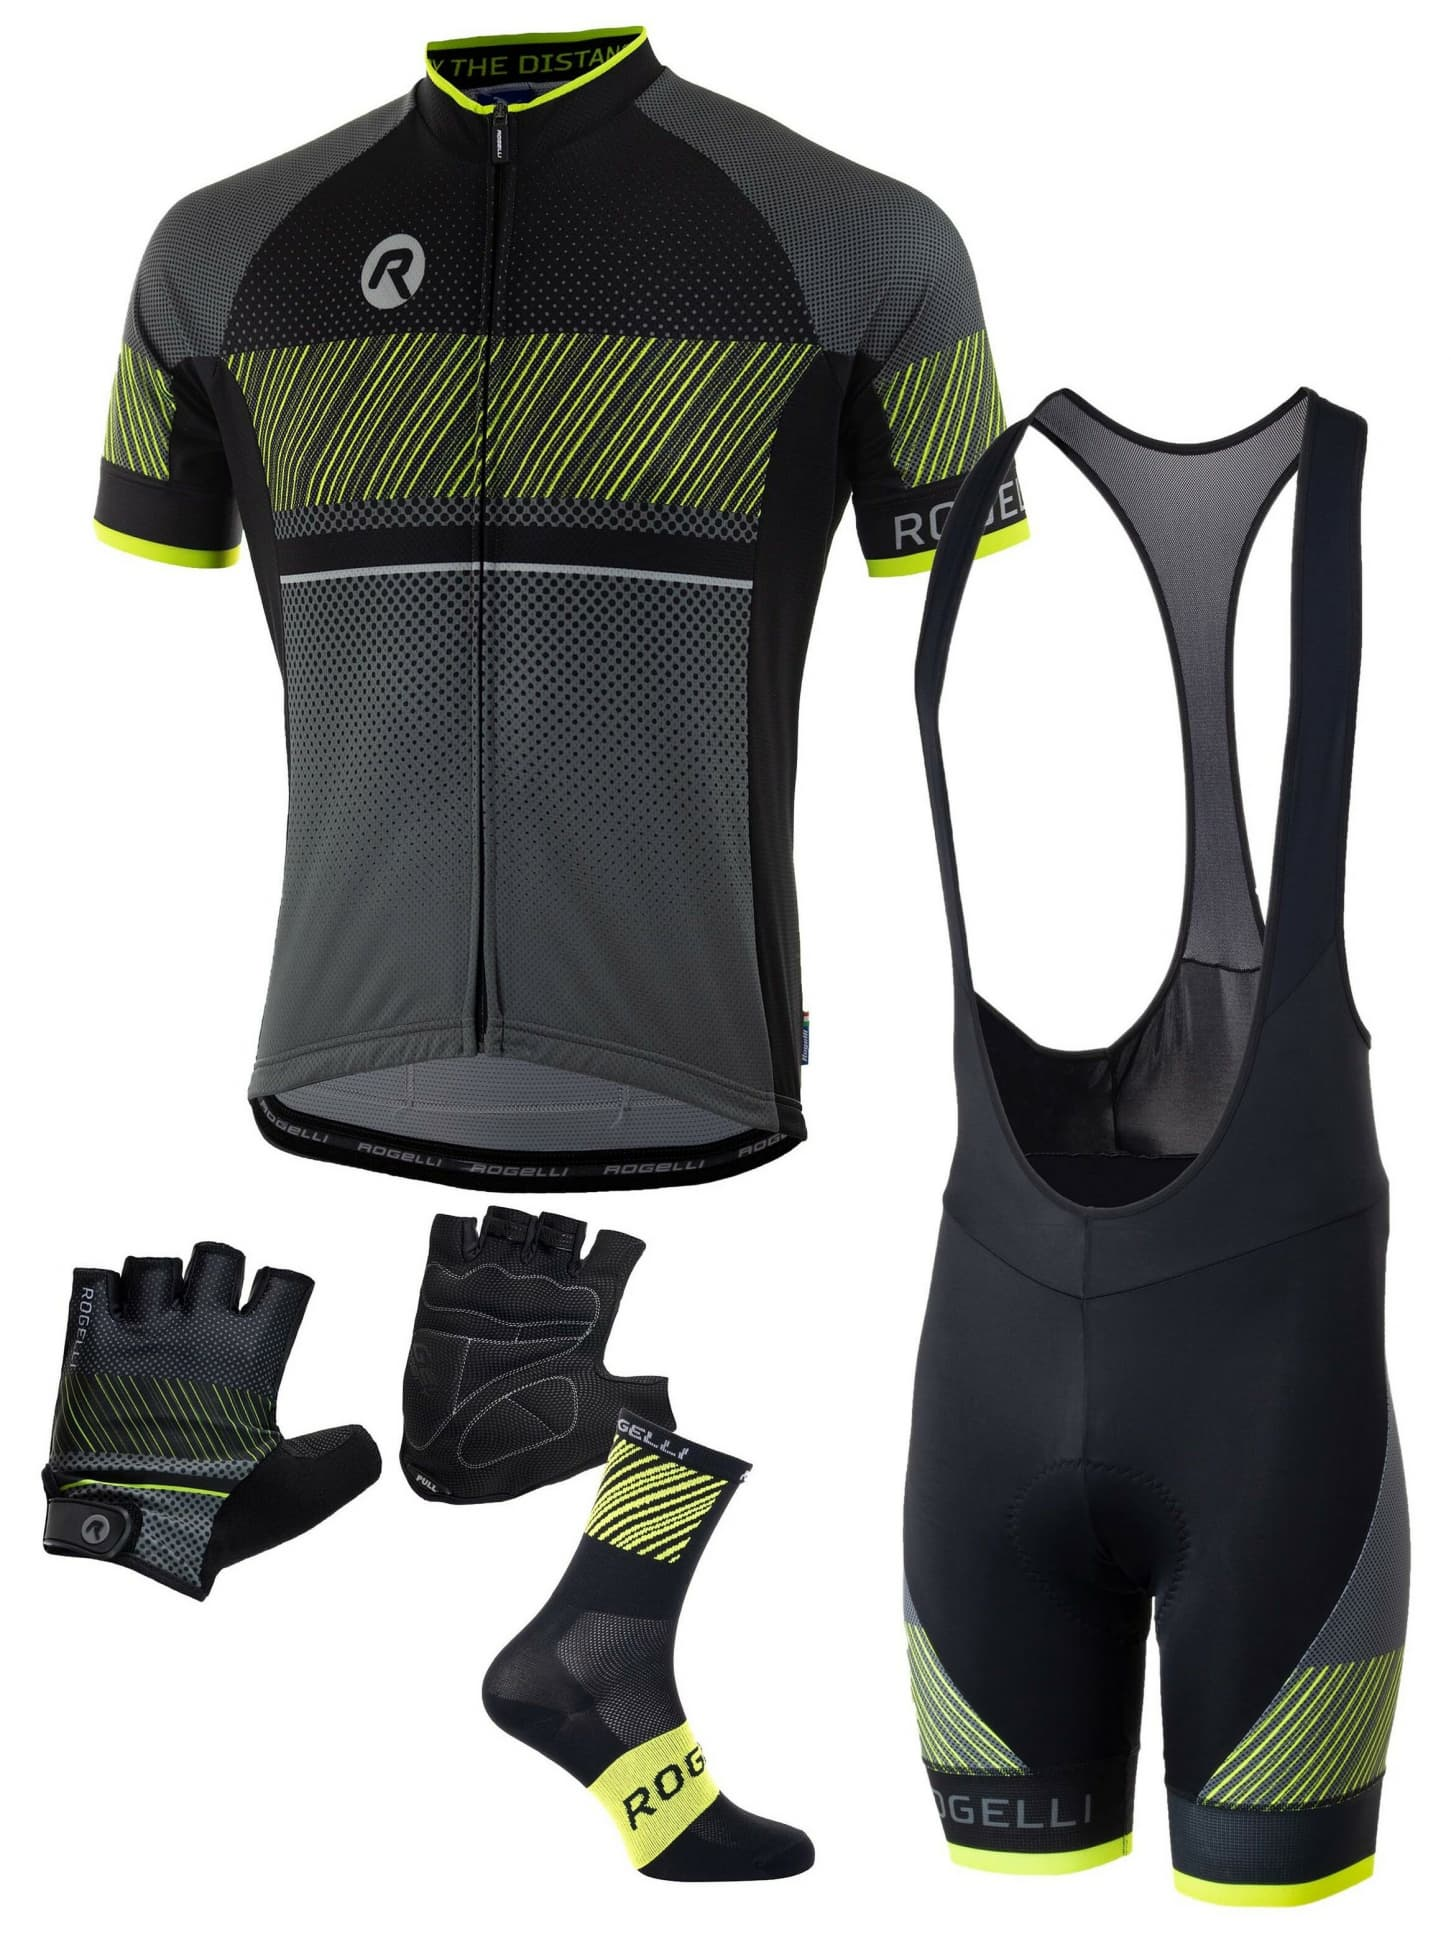 7551938876df5 Pánske cyklistické oblečenie Rogelli RITMO, čierno-reflexné žlté ...